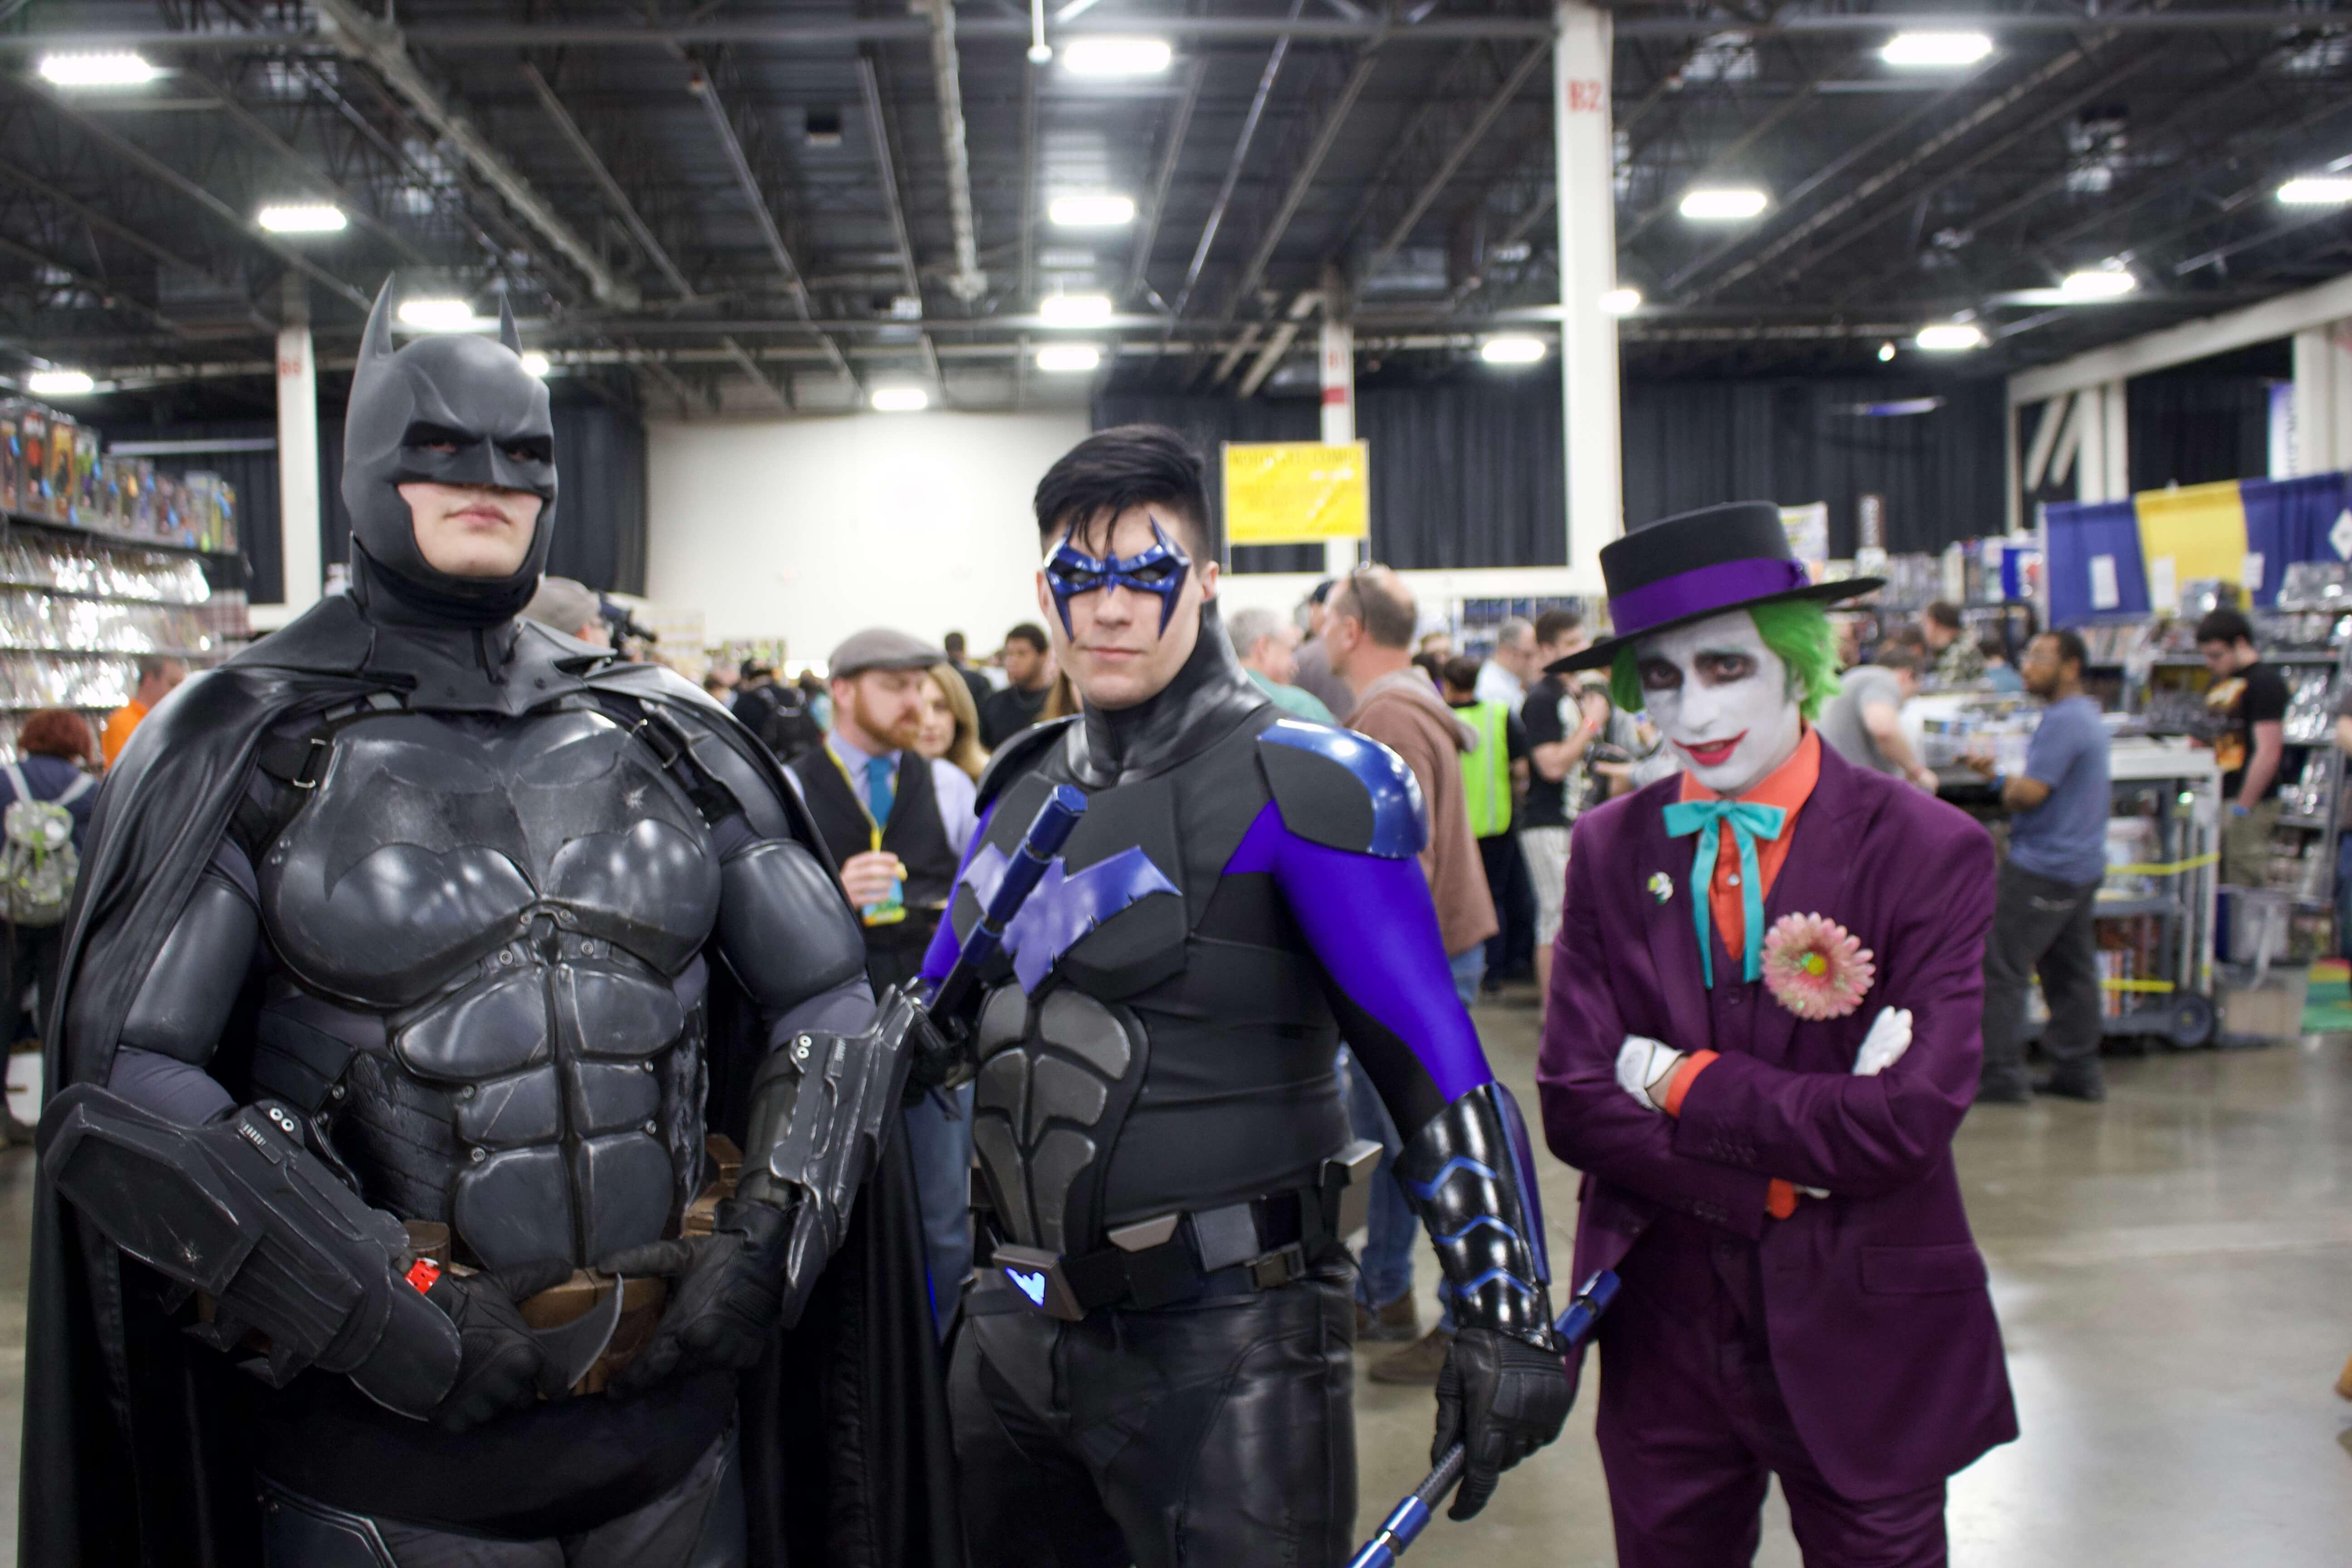 Batman, Nightwing, Joker